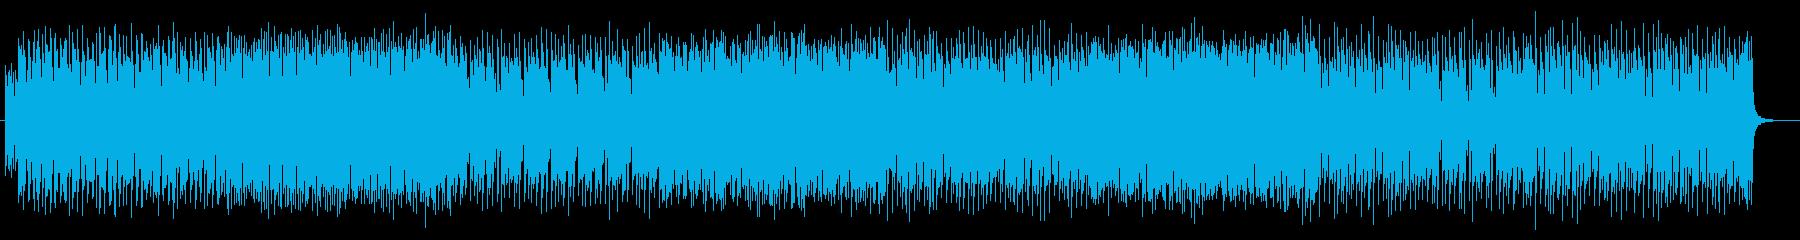 迫力と疾走感のあるシンセサイザーサウンドの再生済みの波形